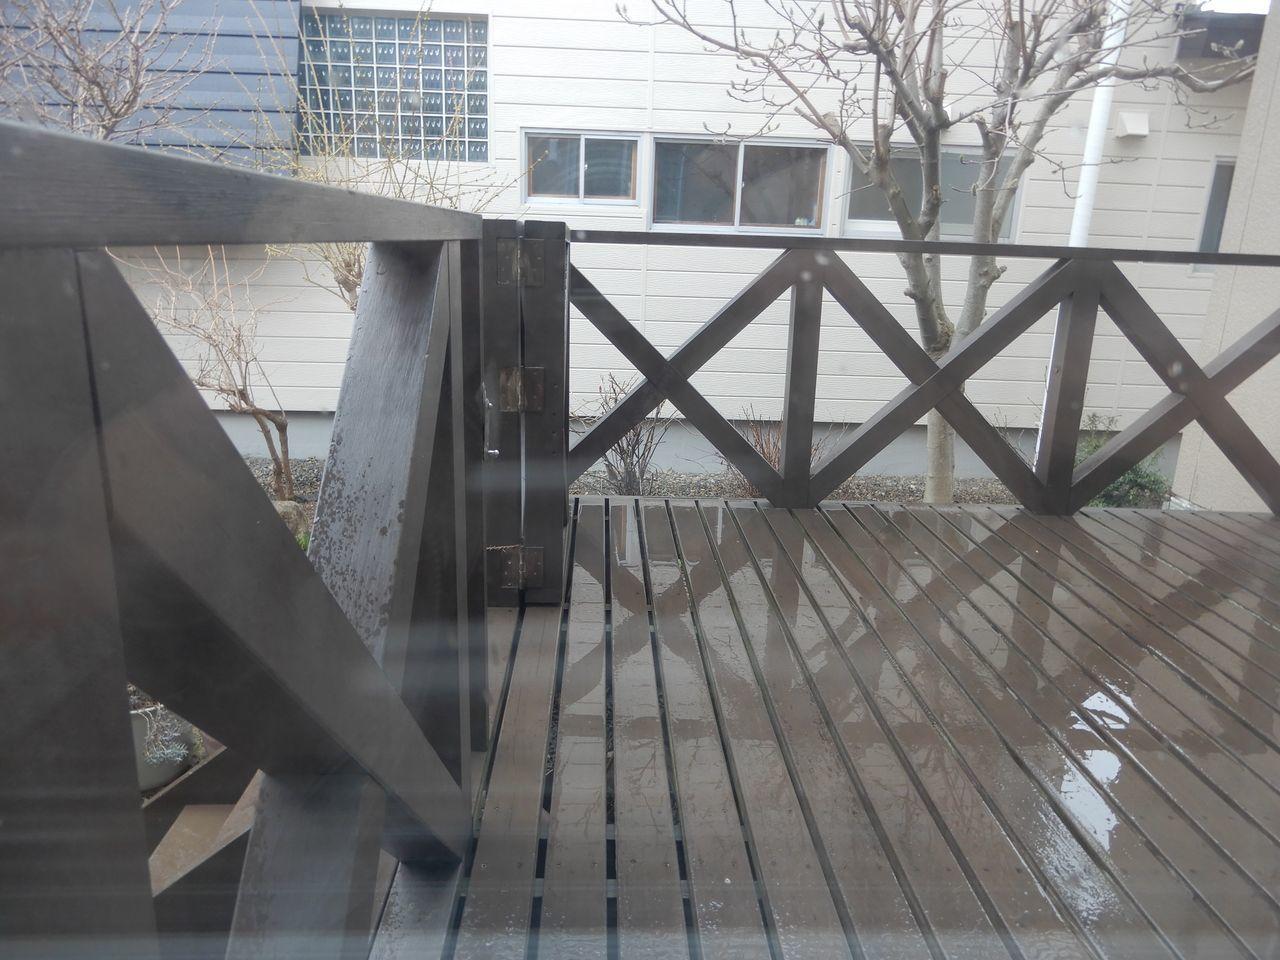 雨の日曜日_c0025115_21054299.jpg